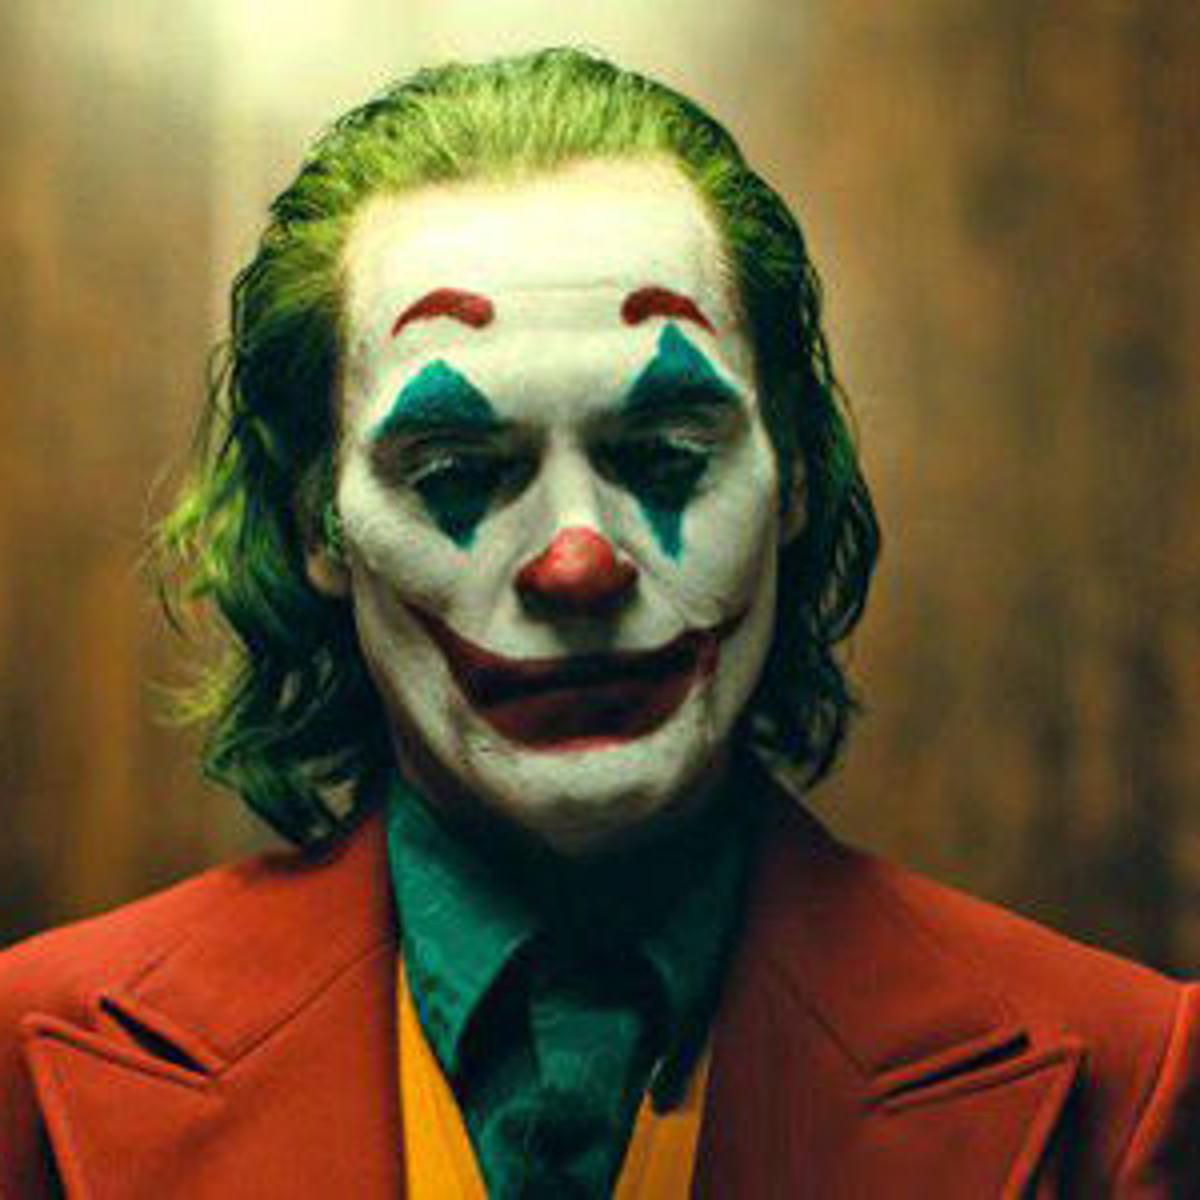 5d97653ecfd52.image The 20 Biggest Ways Joker Breaks the Superhero Mold